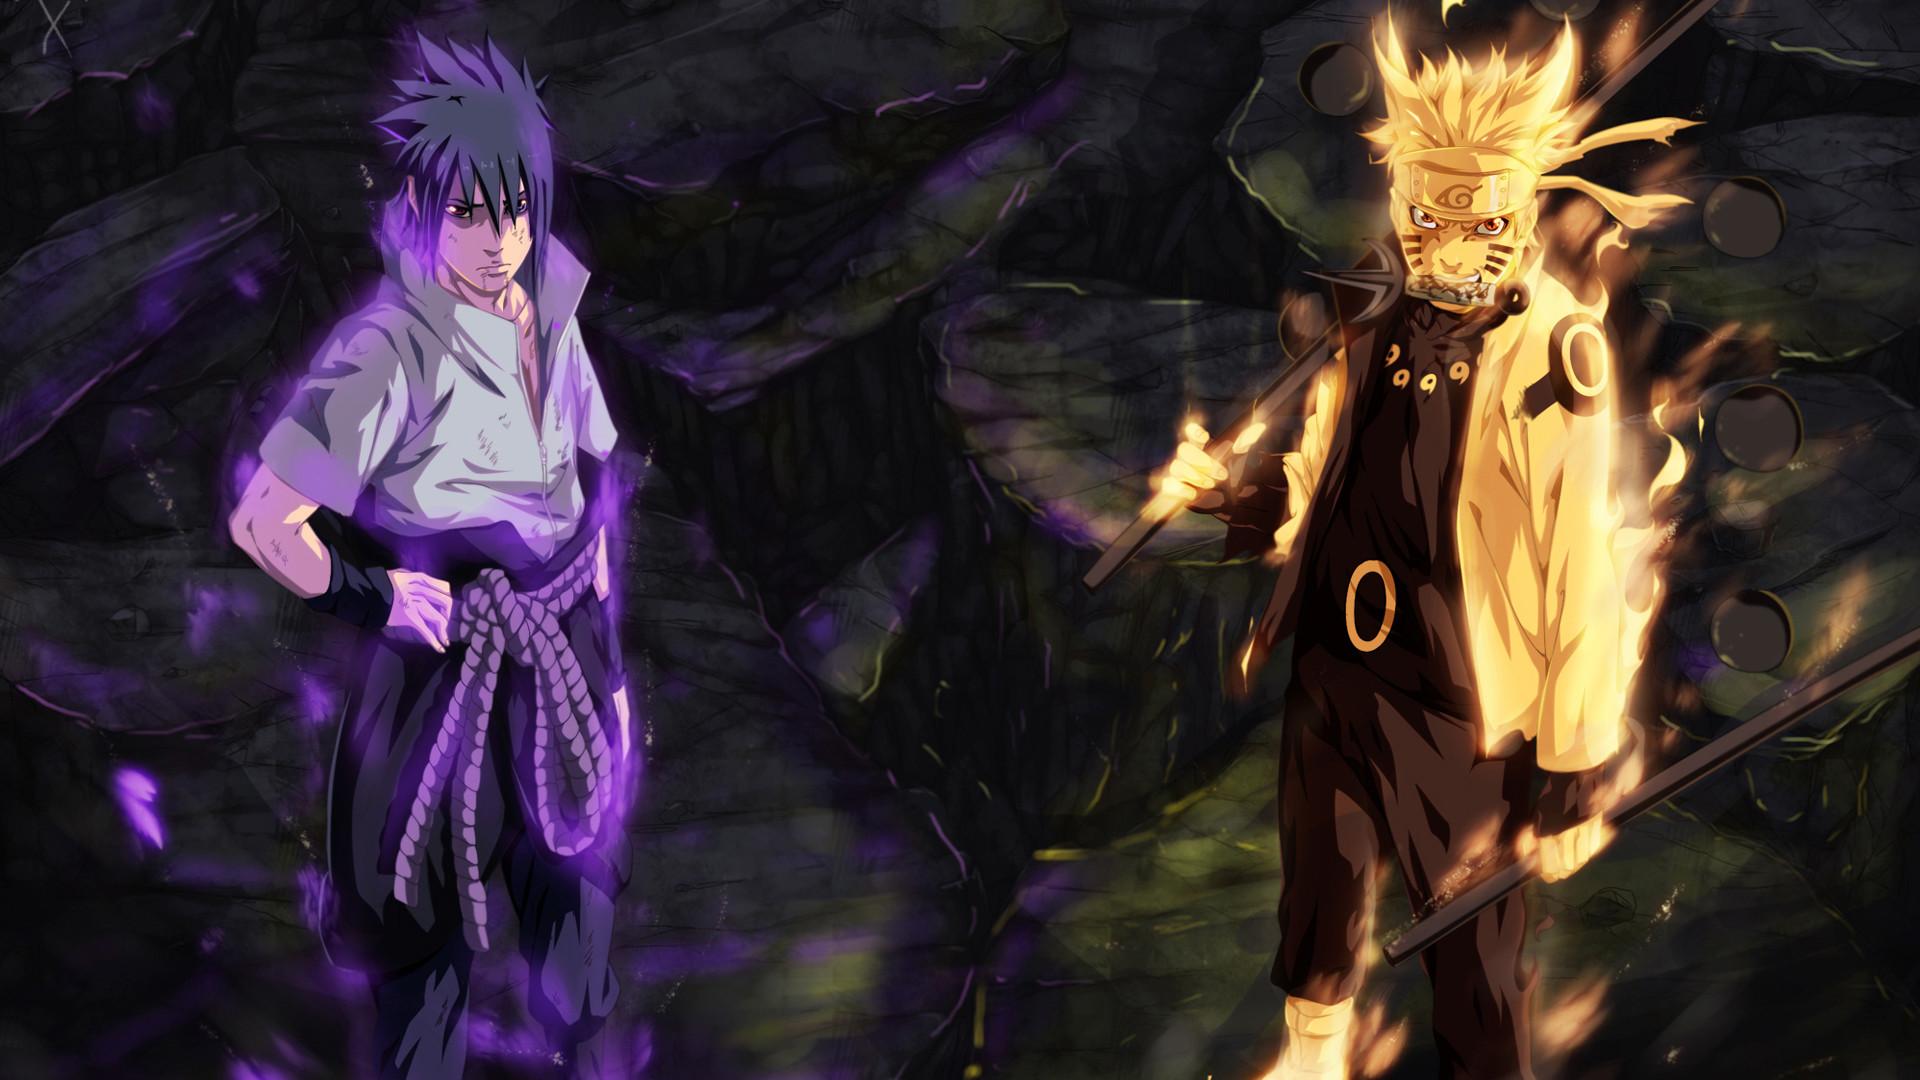 sasuke uchiha sharingan and rinnegan eyes and naruto uzumaki sage of six  path art anime hd